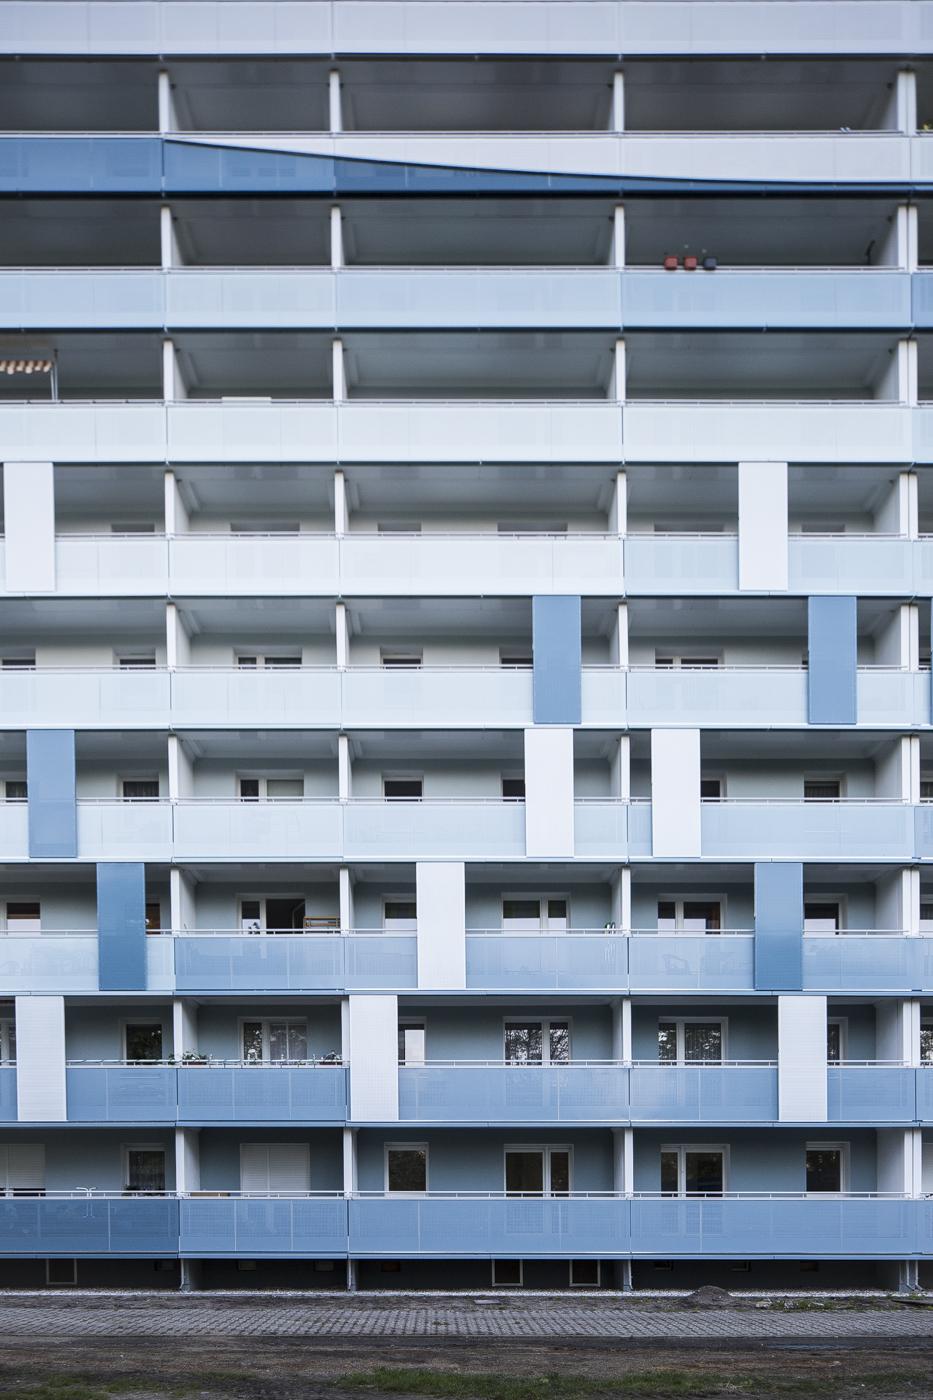 Fassadengestaltung-fassadenverkleidung-balkone-Fassadenplatten-farbe-blau-senftenberg.jpg